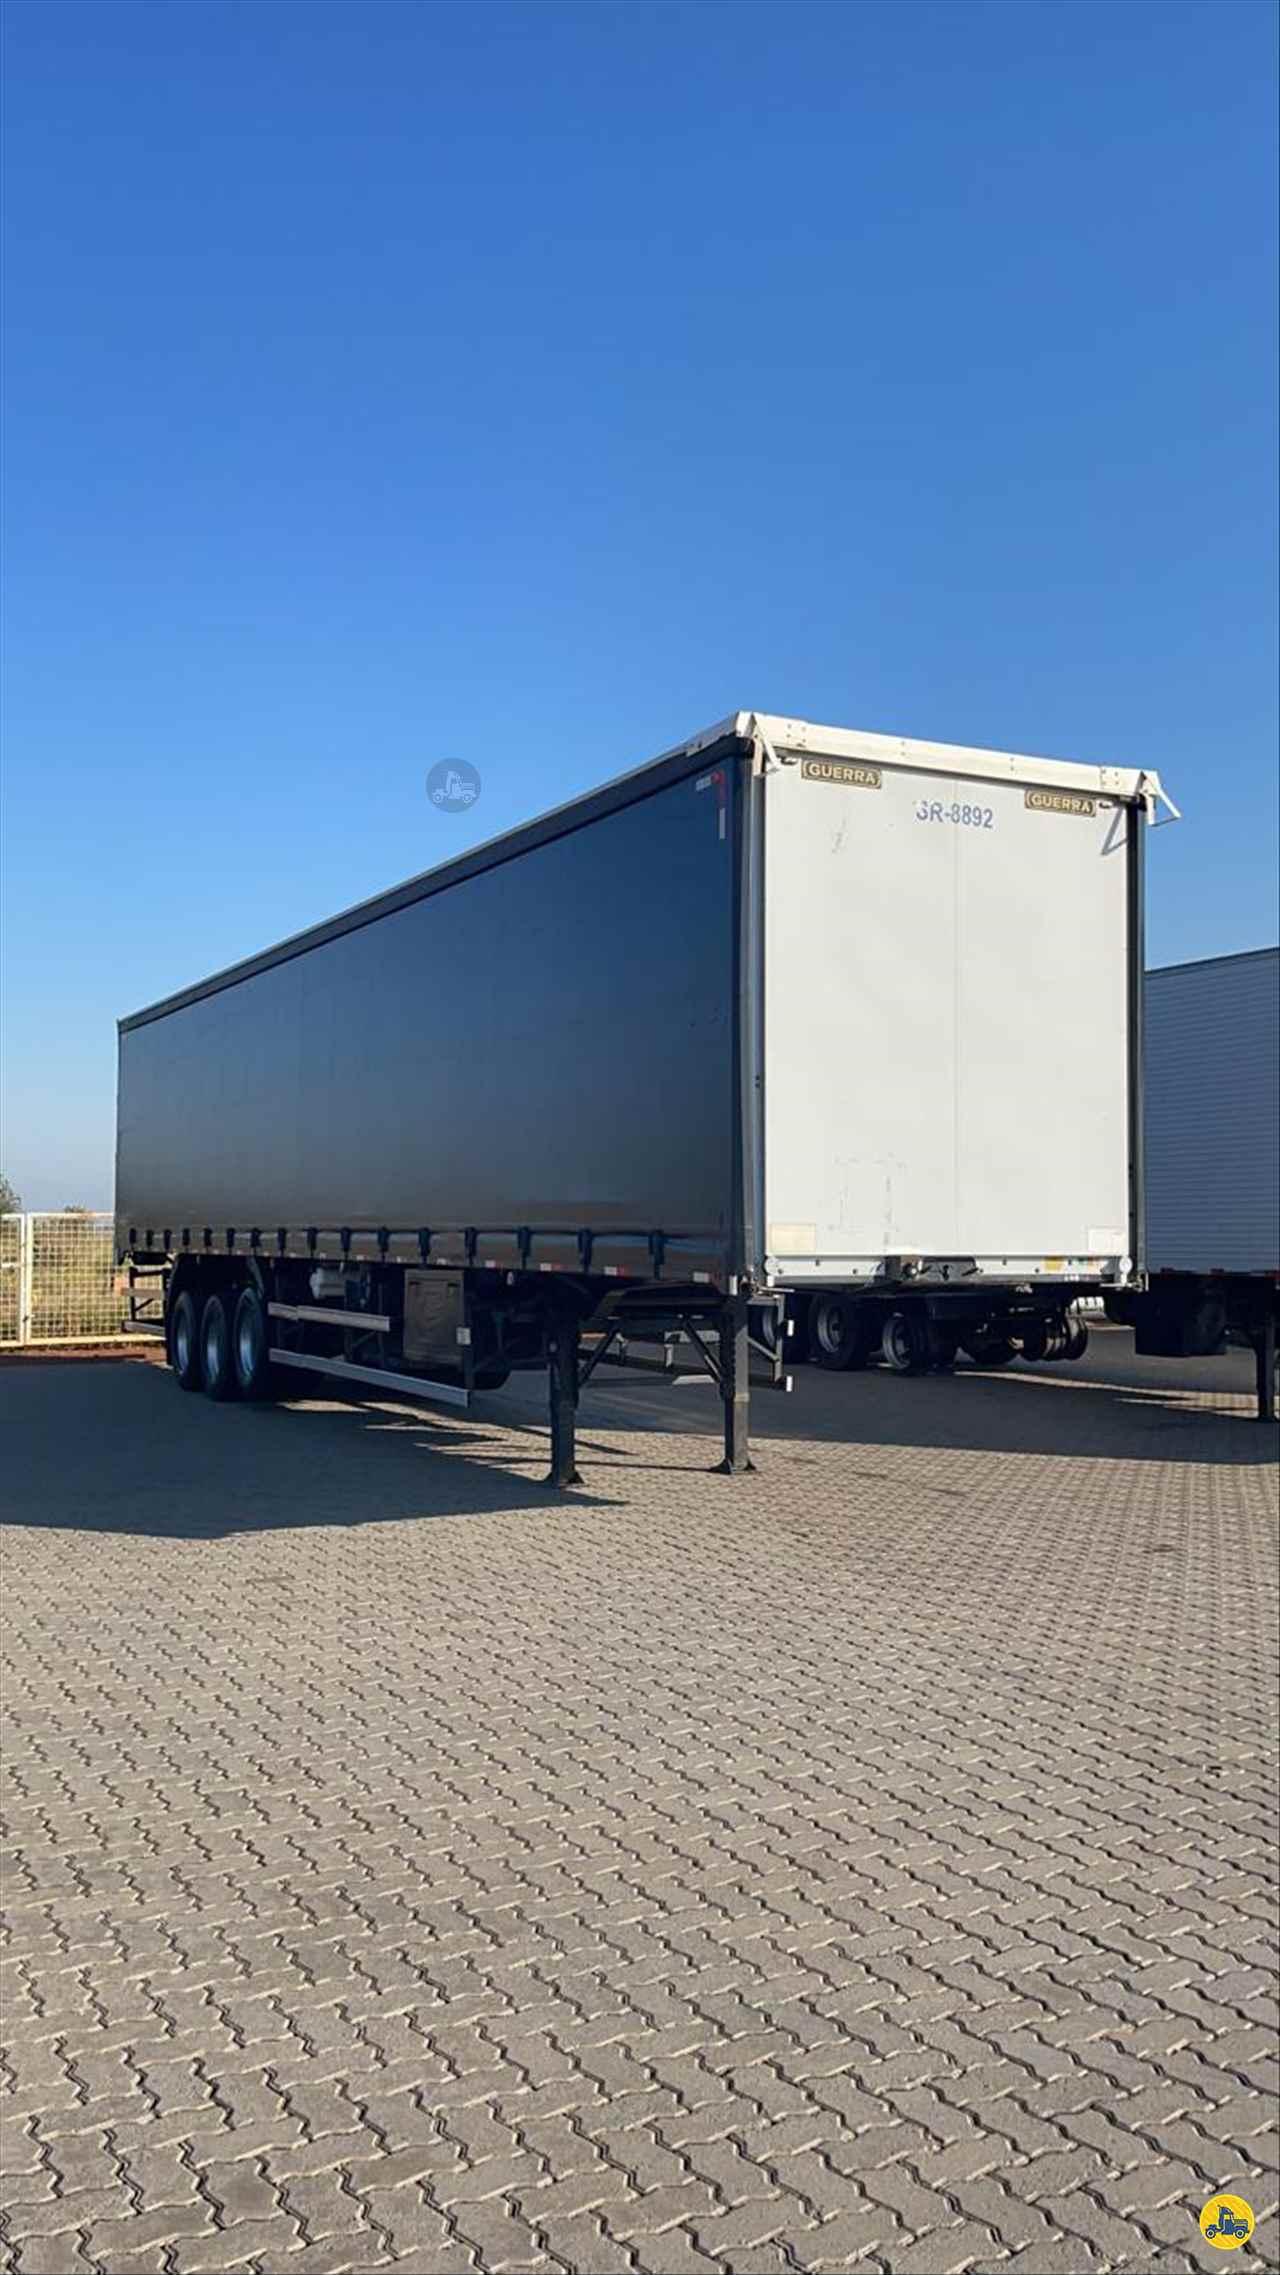 KIT SIDER de 4K Caminhões - Araras - ARARAS/SP